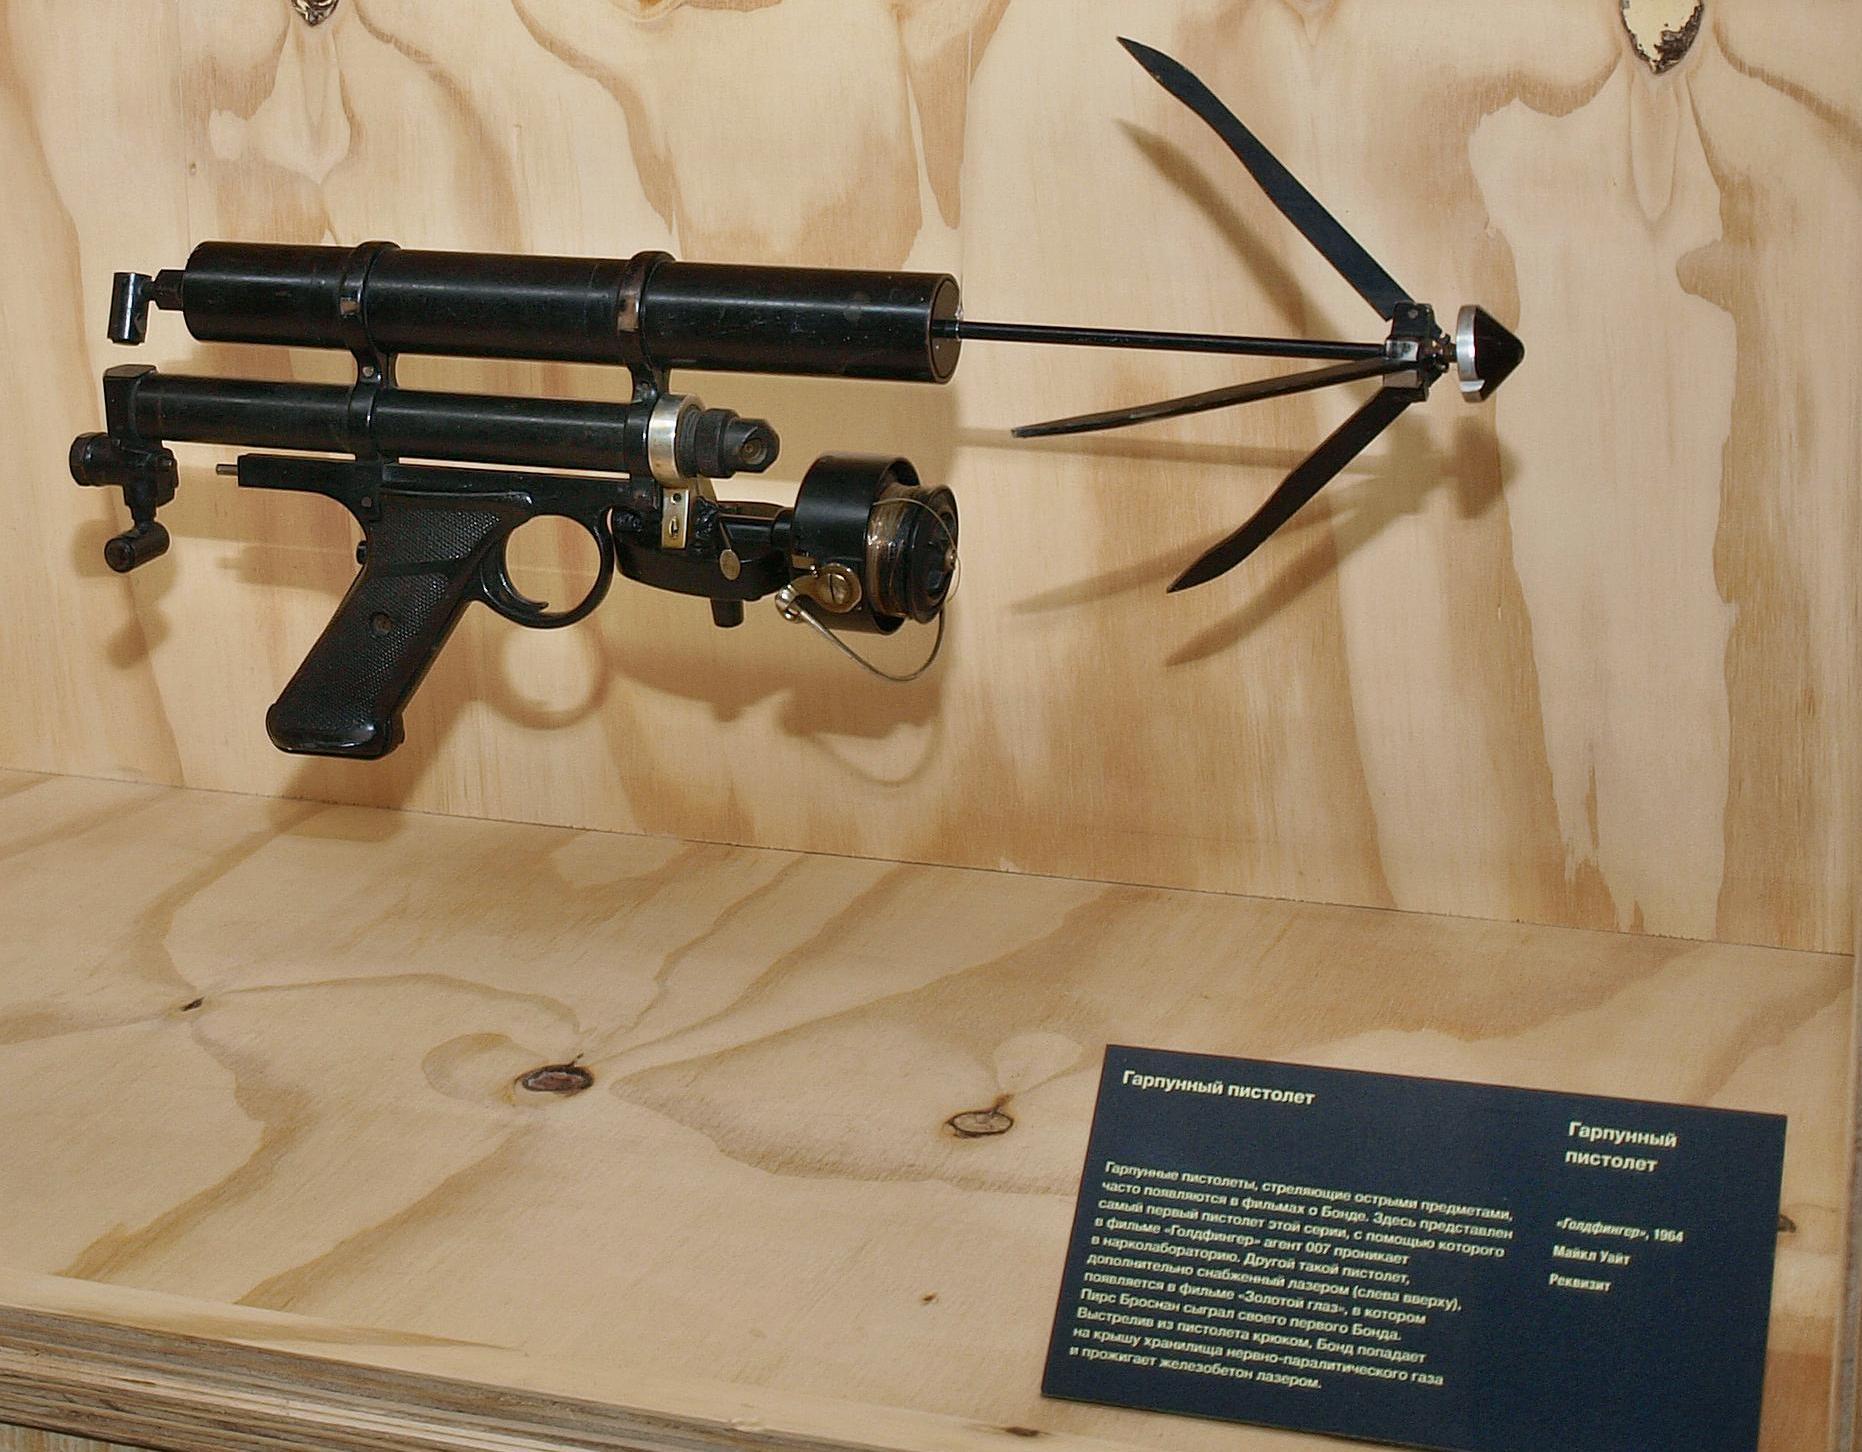 Гарпунный пистолет из «Голдфингера». Фотография Малец Михаила Георгиевича